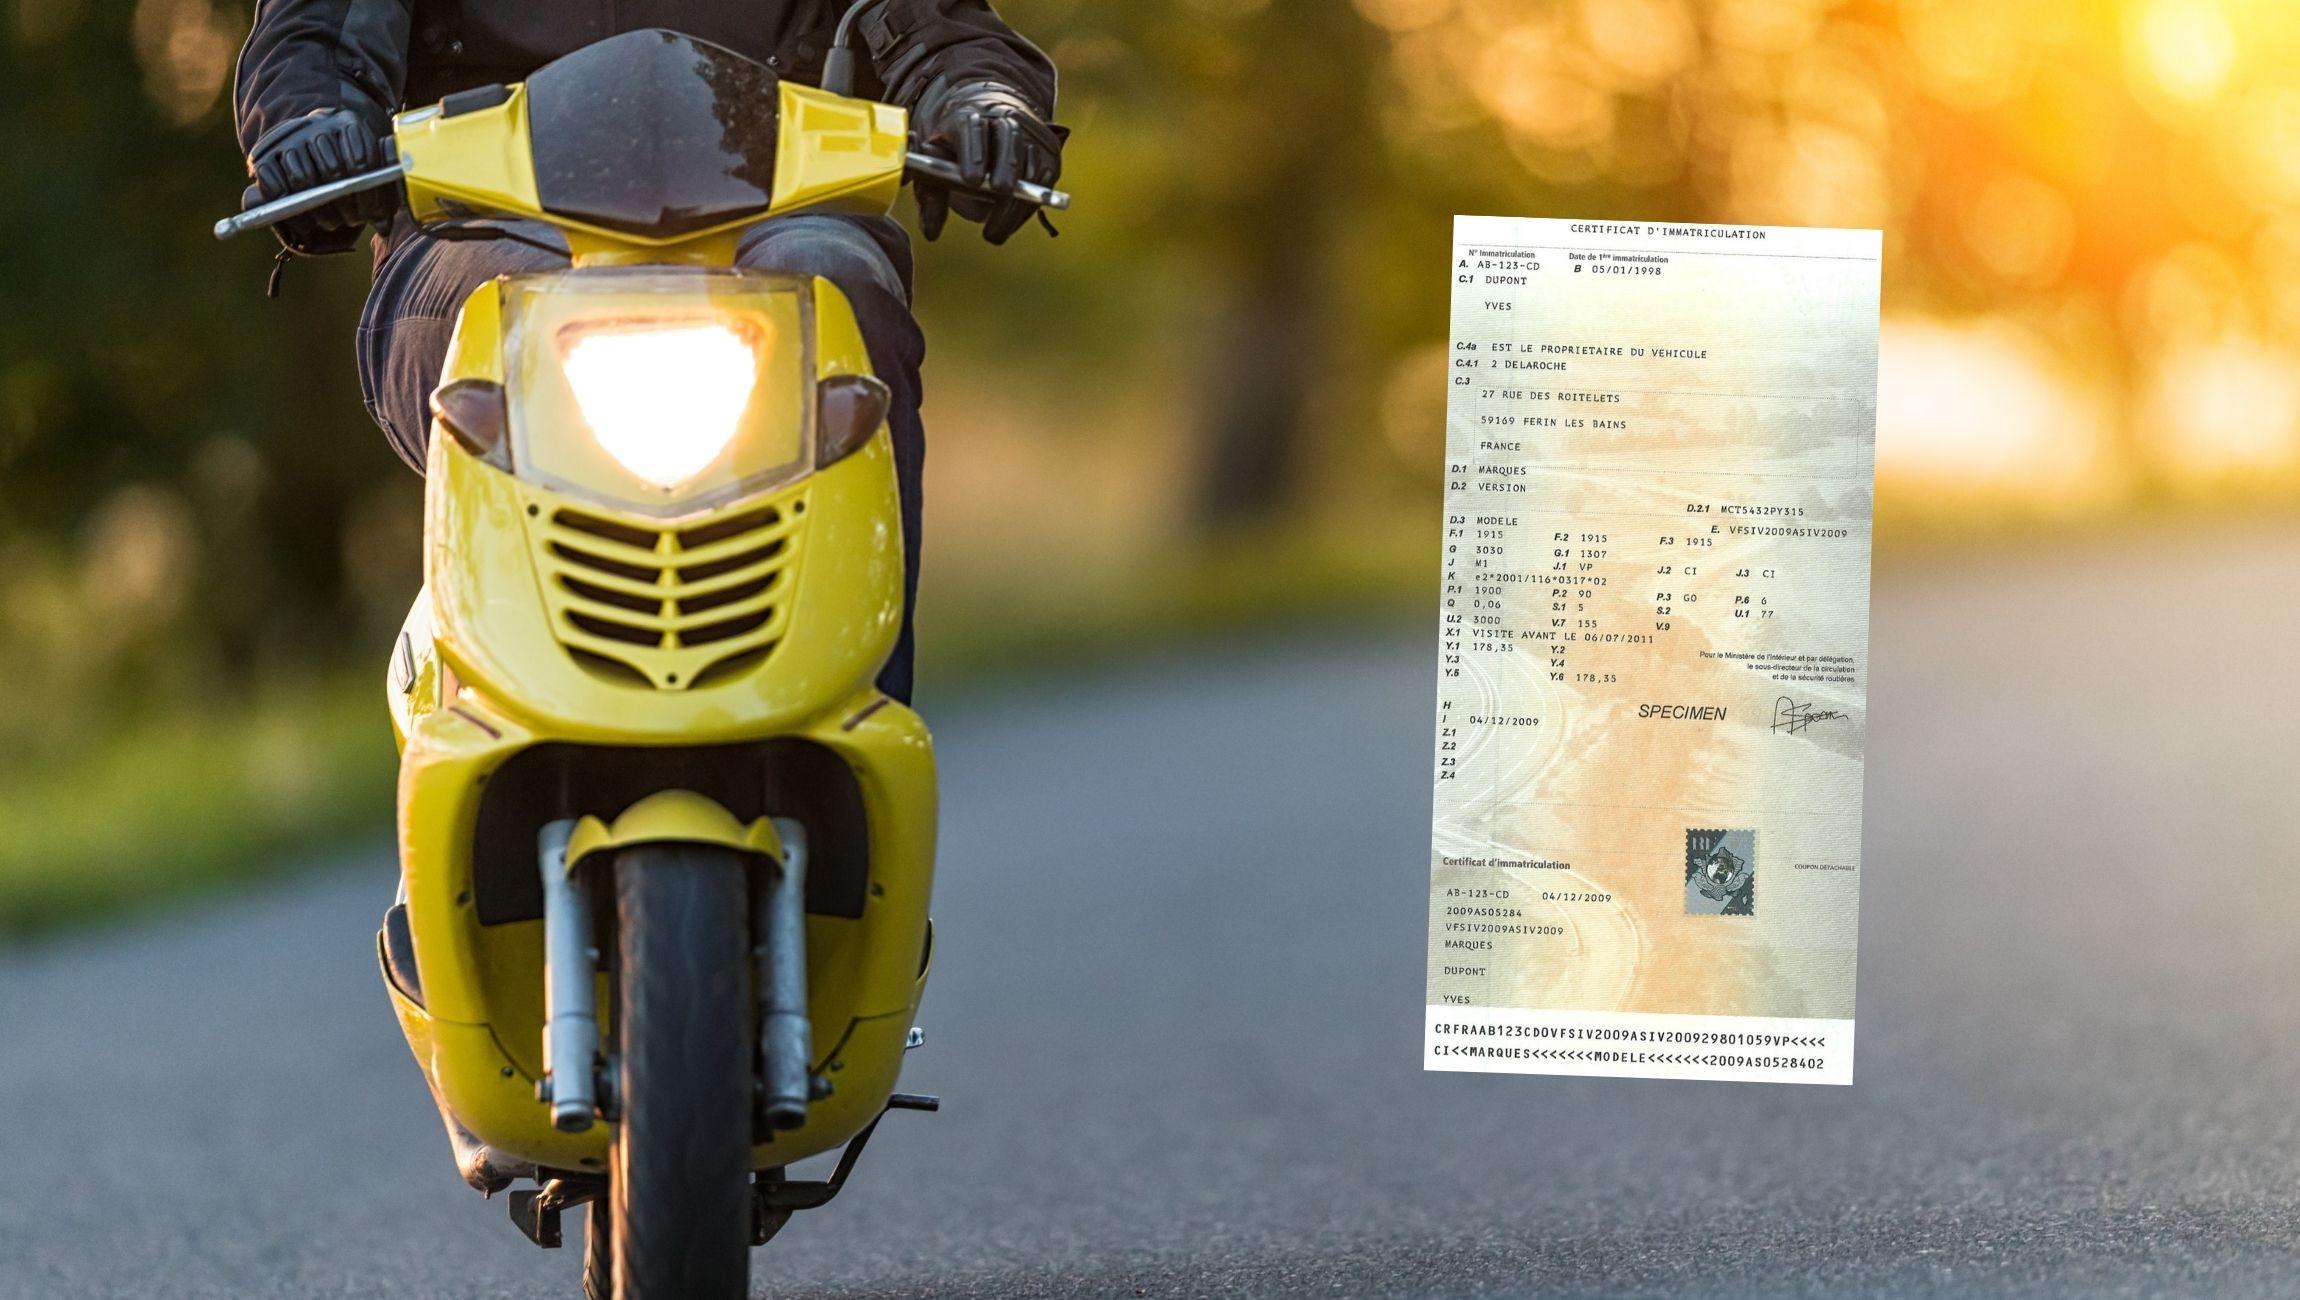 Changement de nom / titulaire pour une carte grise de scooter